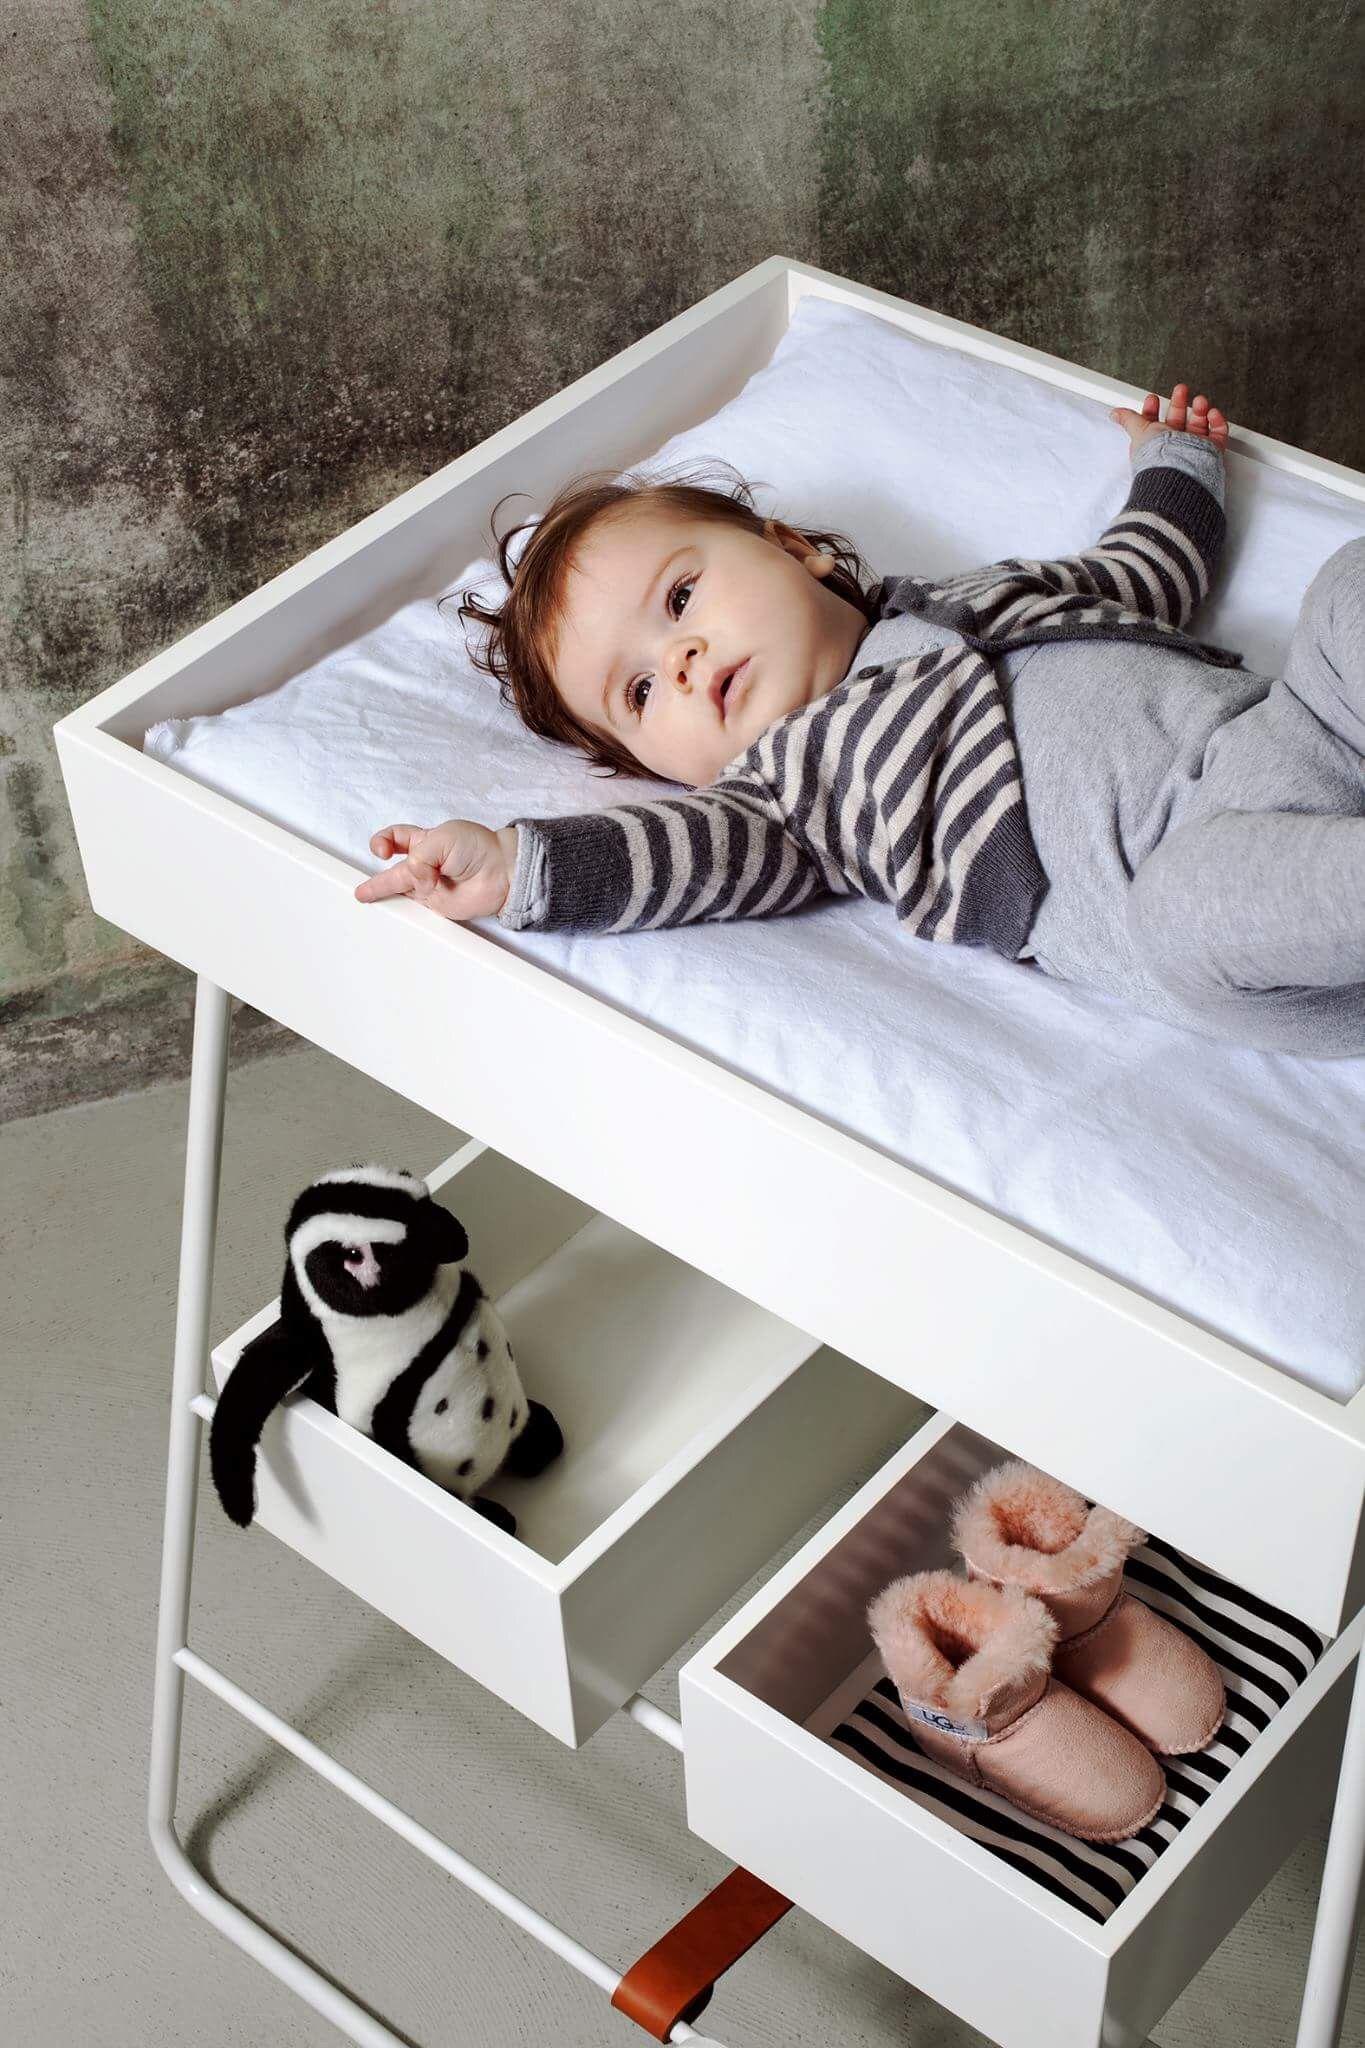 Nordisch kinderzimmer. Kinderzimmer deko und Möbel